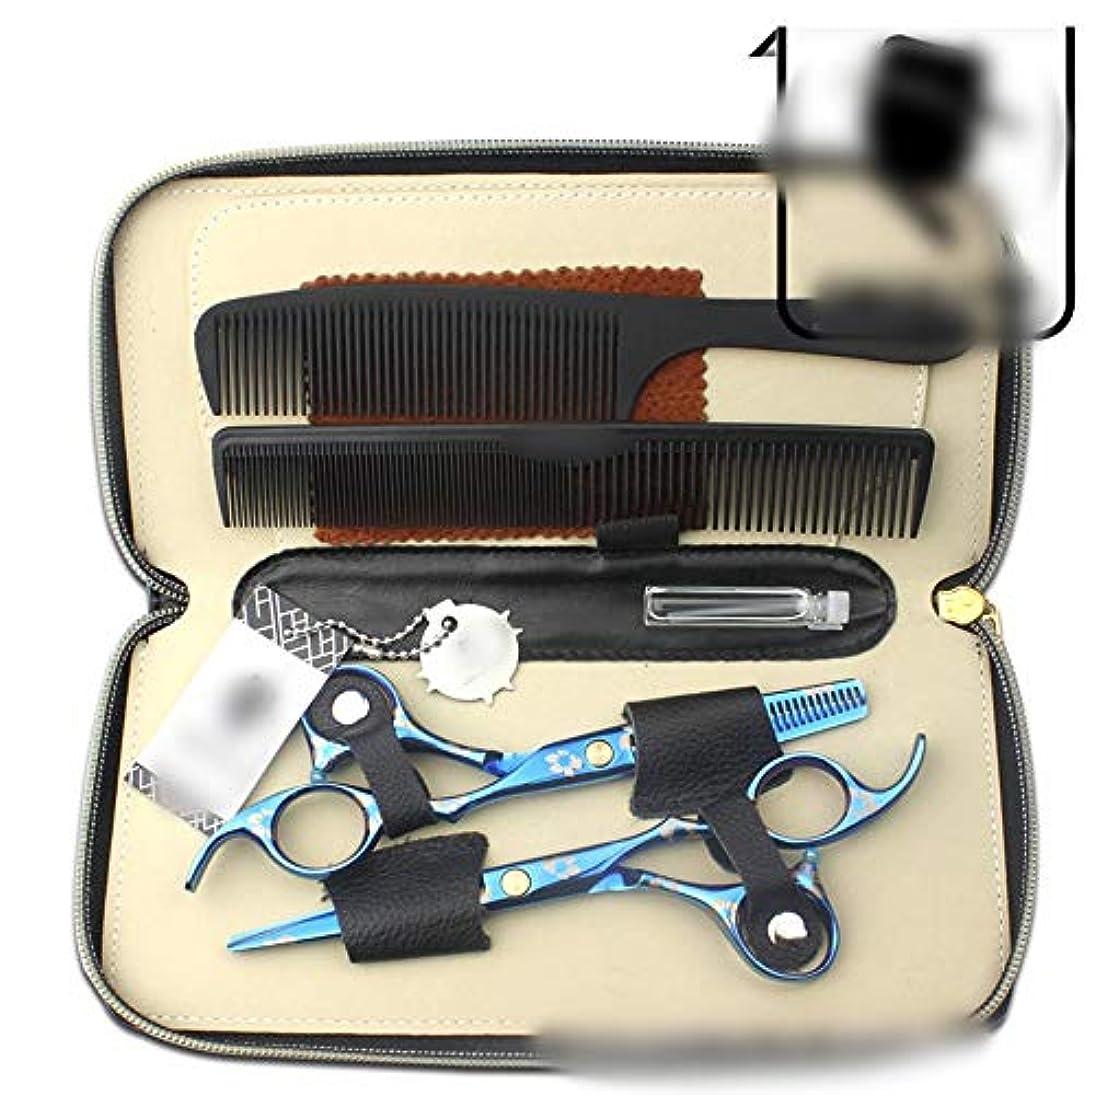 寛大さ食用土器6.0インチのヘアカラーはさみセット、ブルーチェリープロ理髪ツールセット モデリングツール (色 : 青)